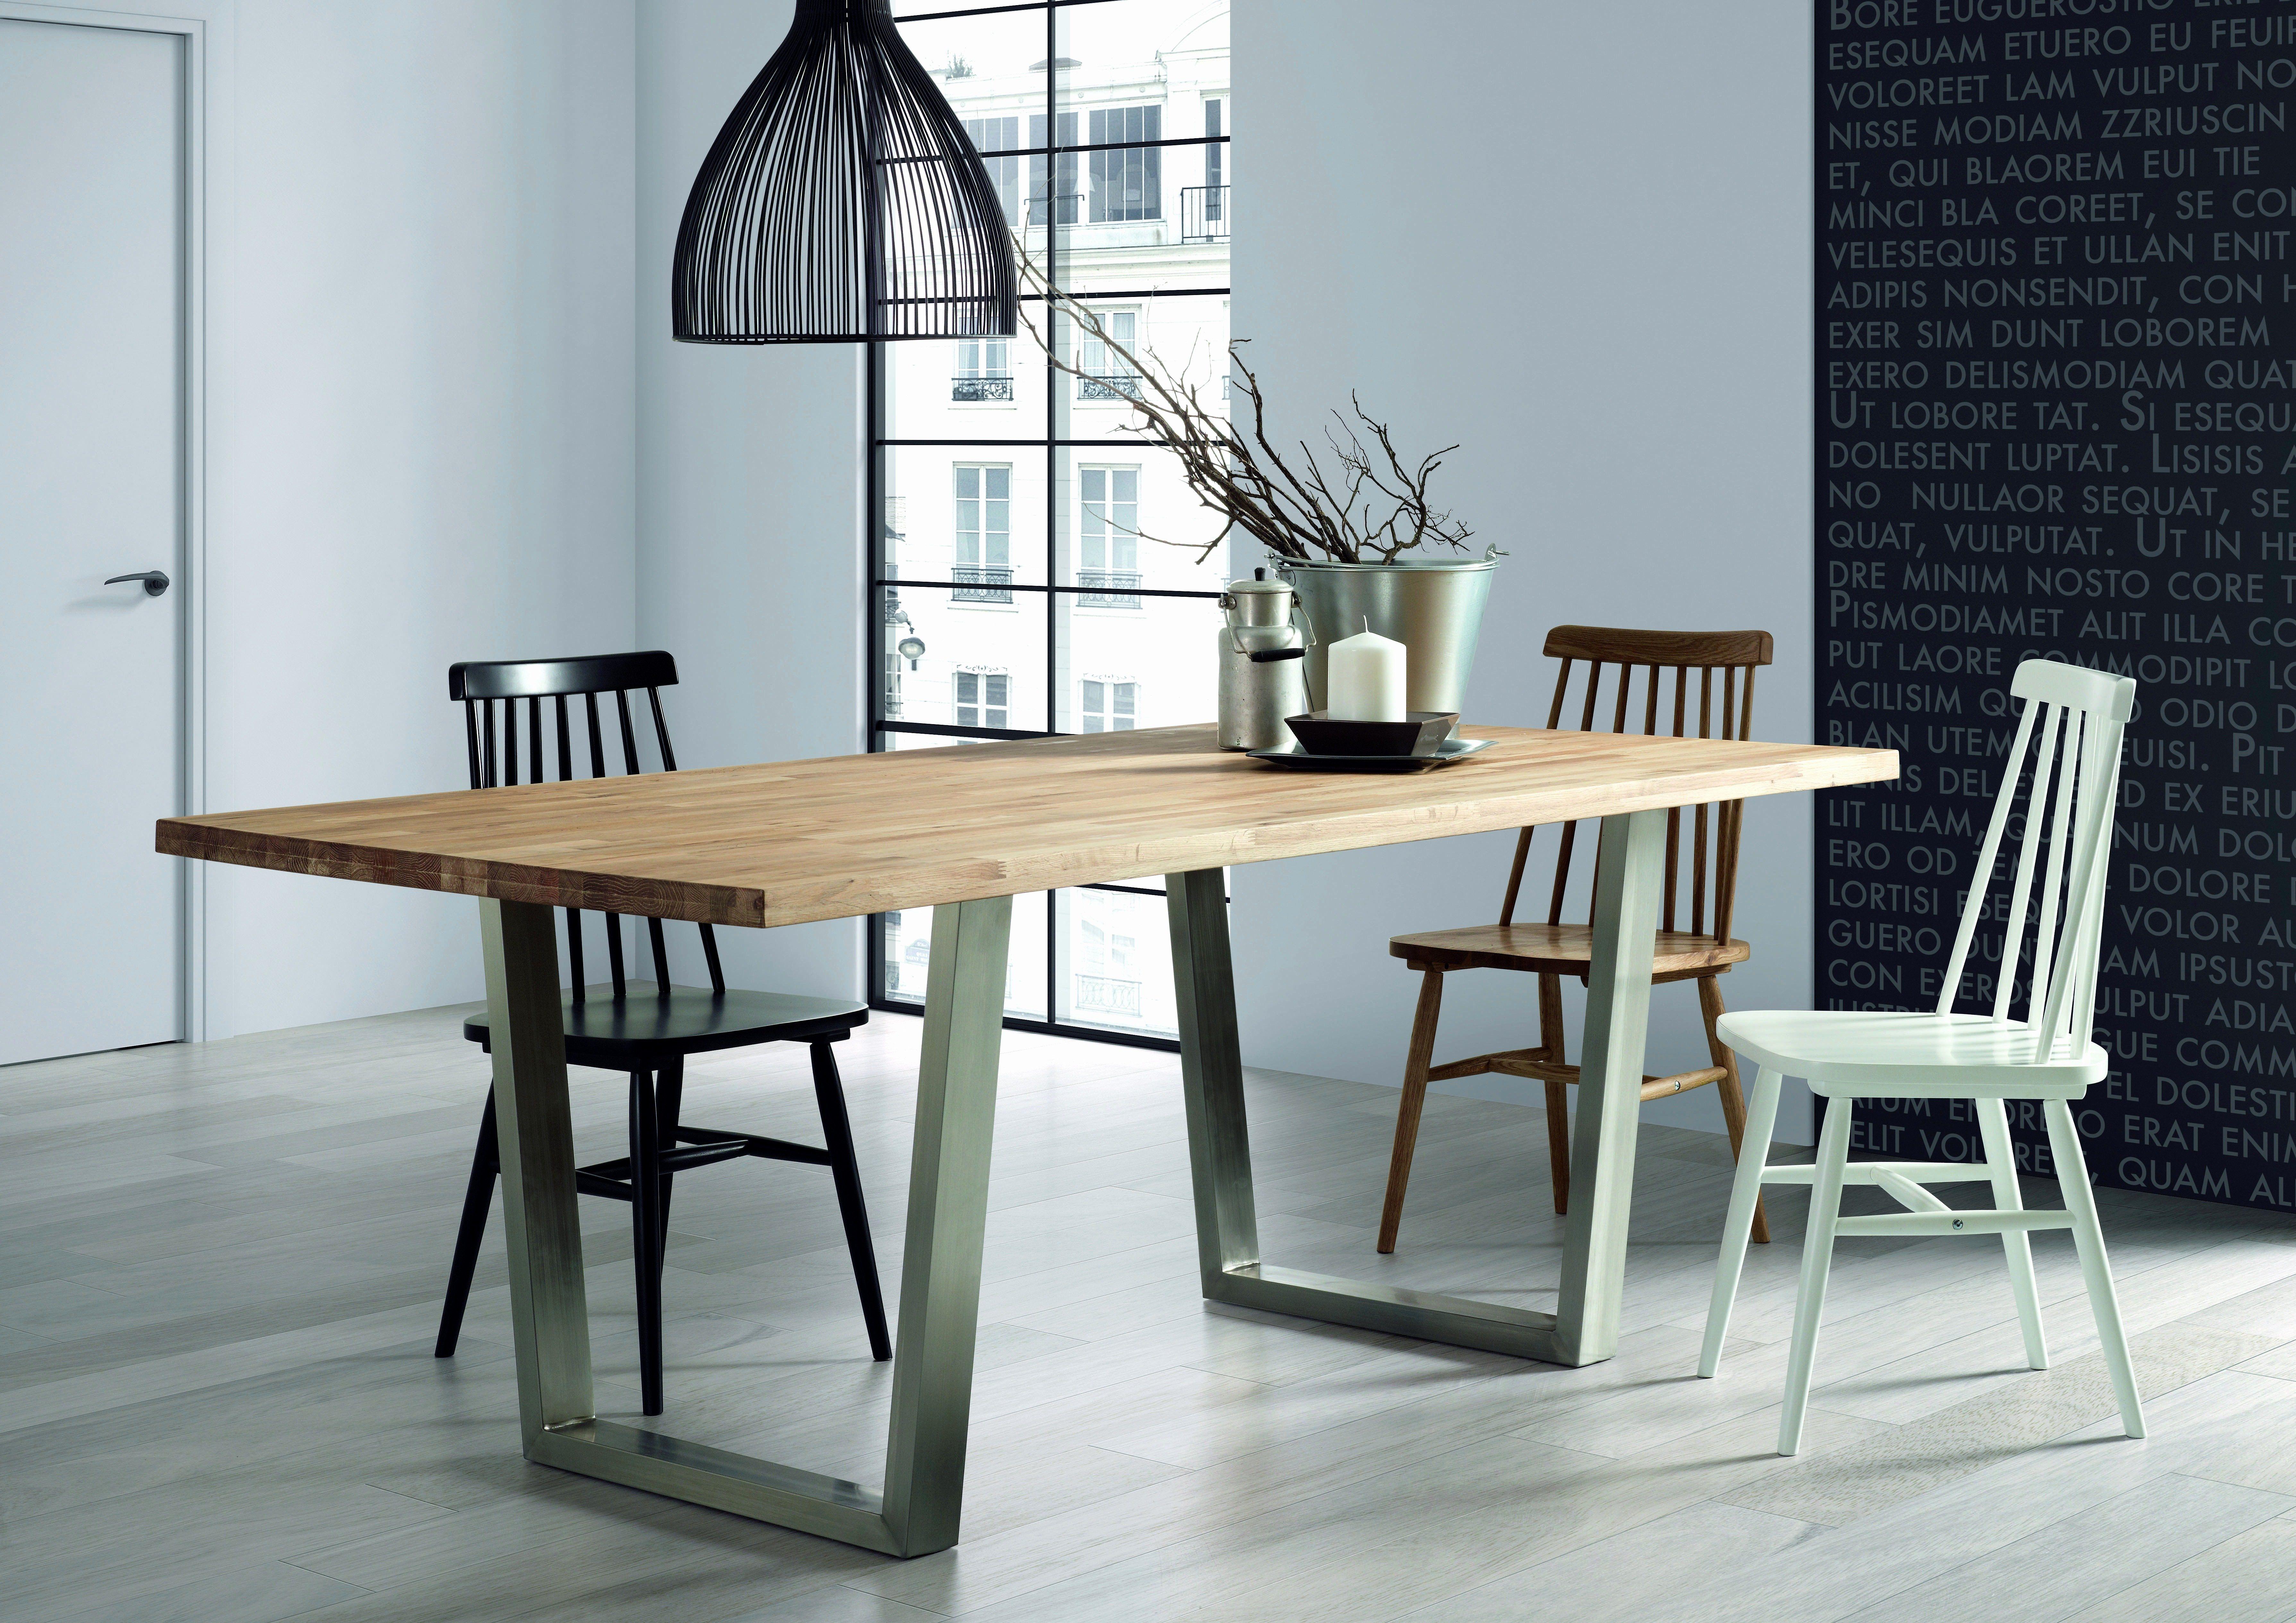 Divan Lit Ikea Inspirant Intéressant Canape Angle 8 Places  Lit Convertible 2 Places Ikea